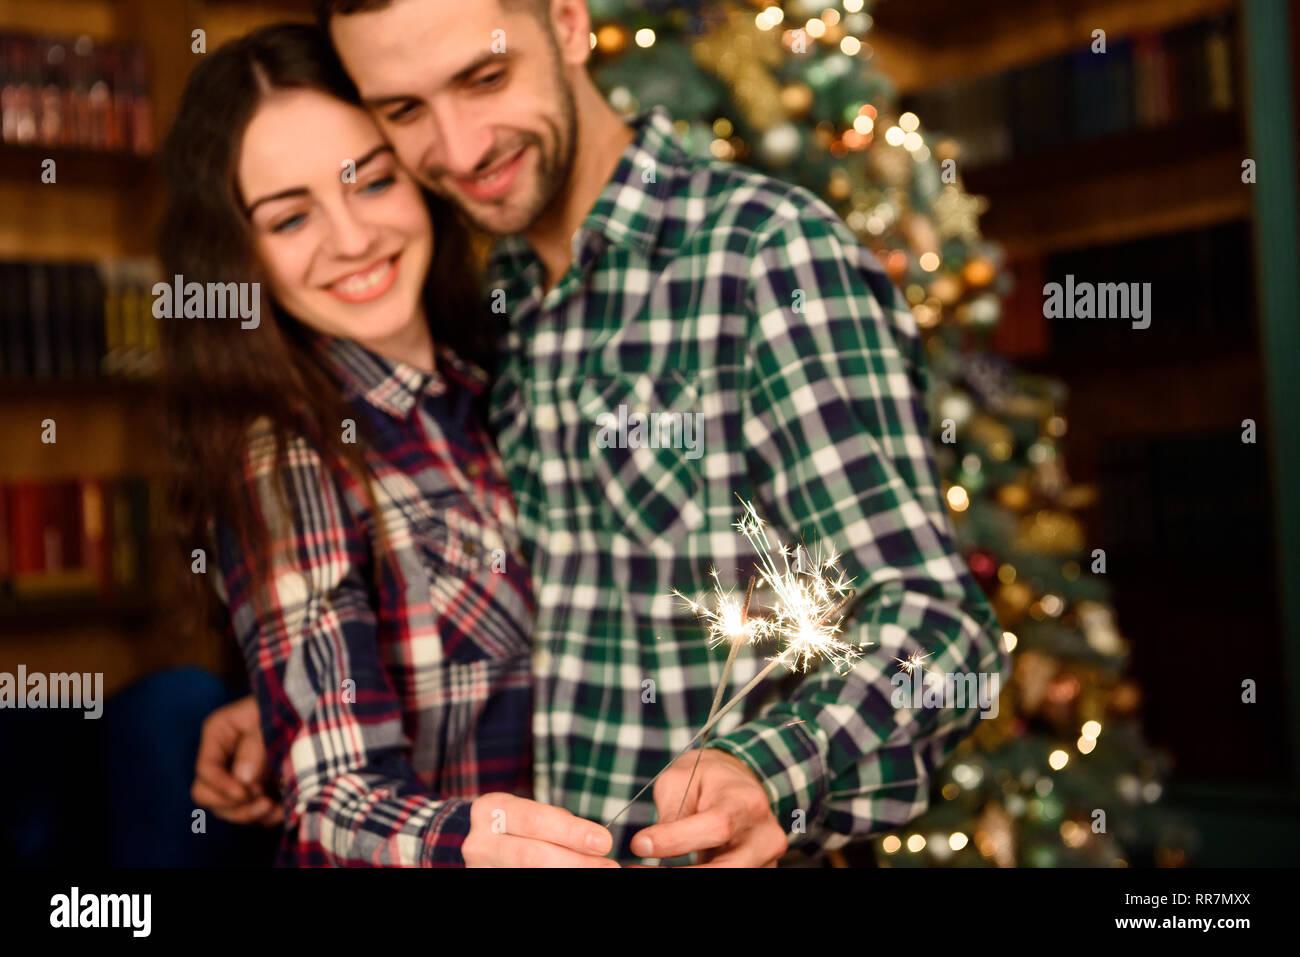 Estrellitas y un beso para Navidad. Kisser hermosa joven y la quema de estrellitas. Pareja amorosa en habitación de decoración de Navidad. Imagen De Stock